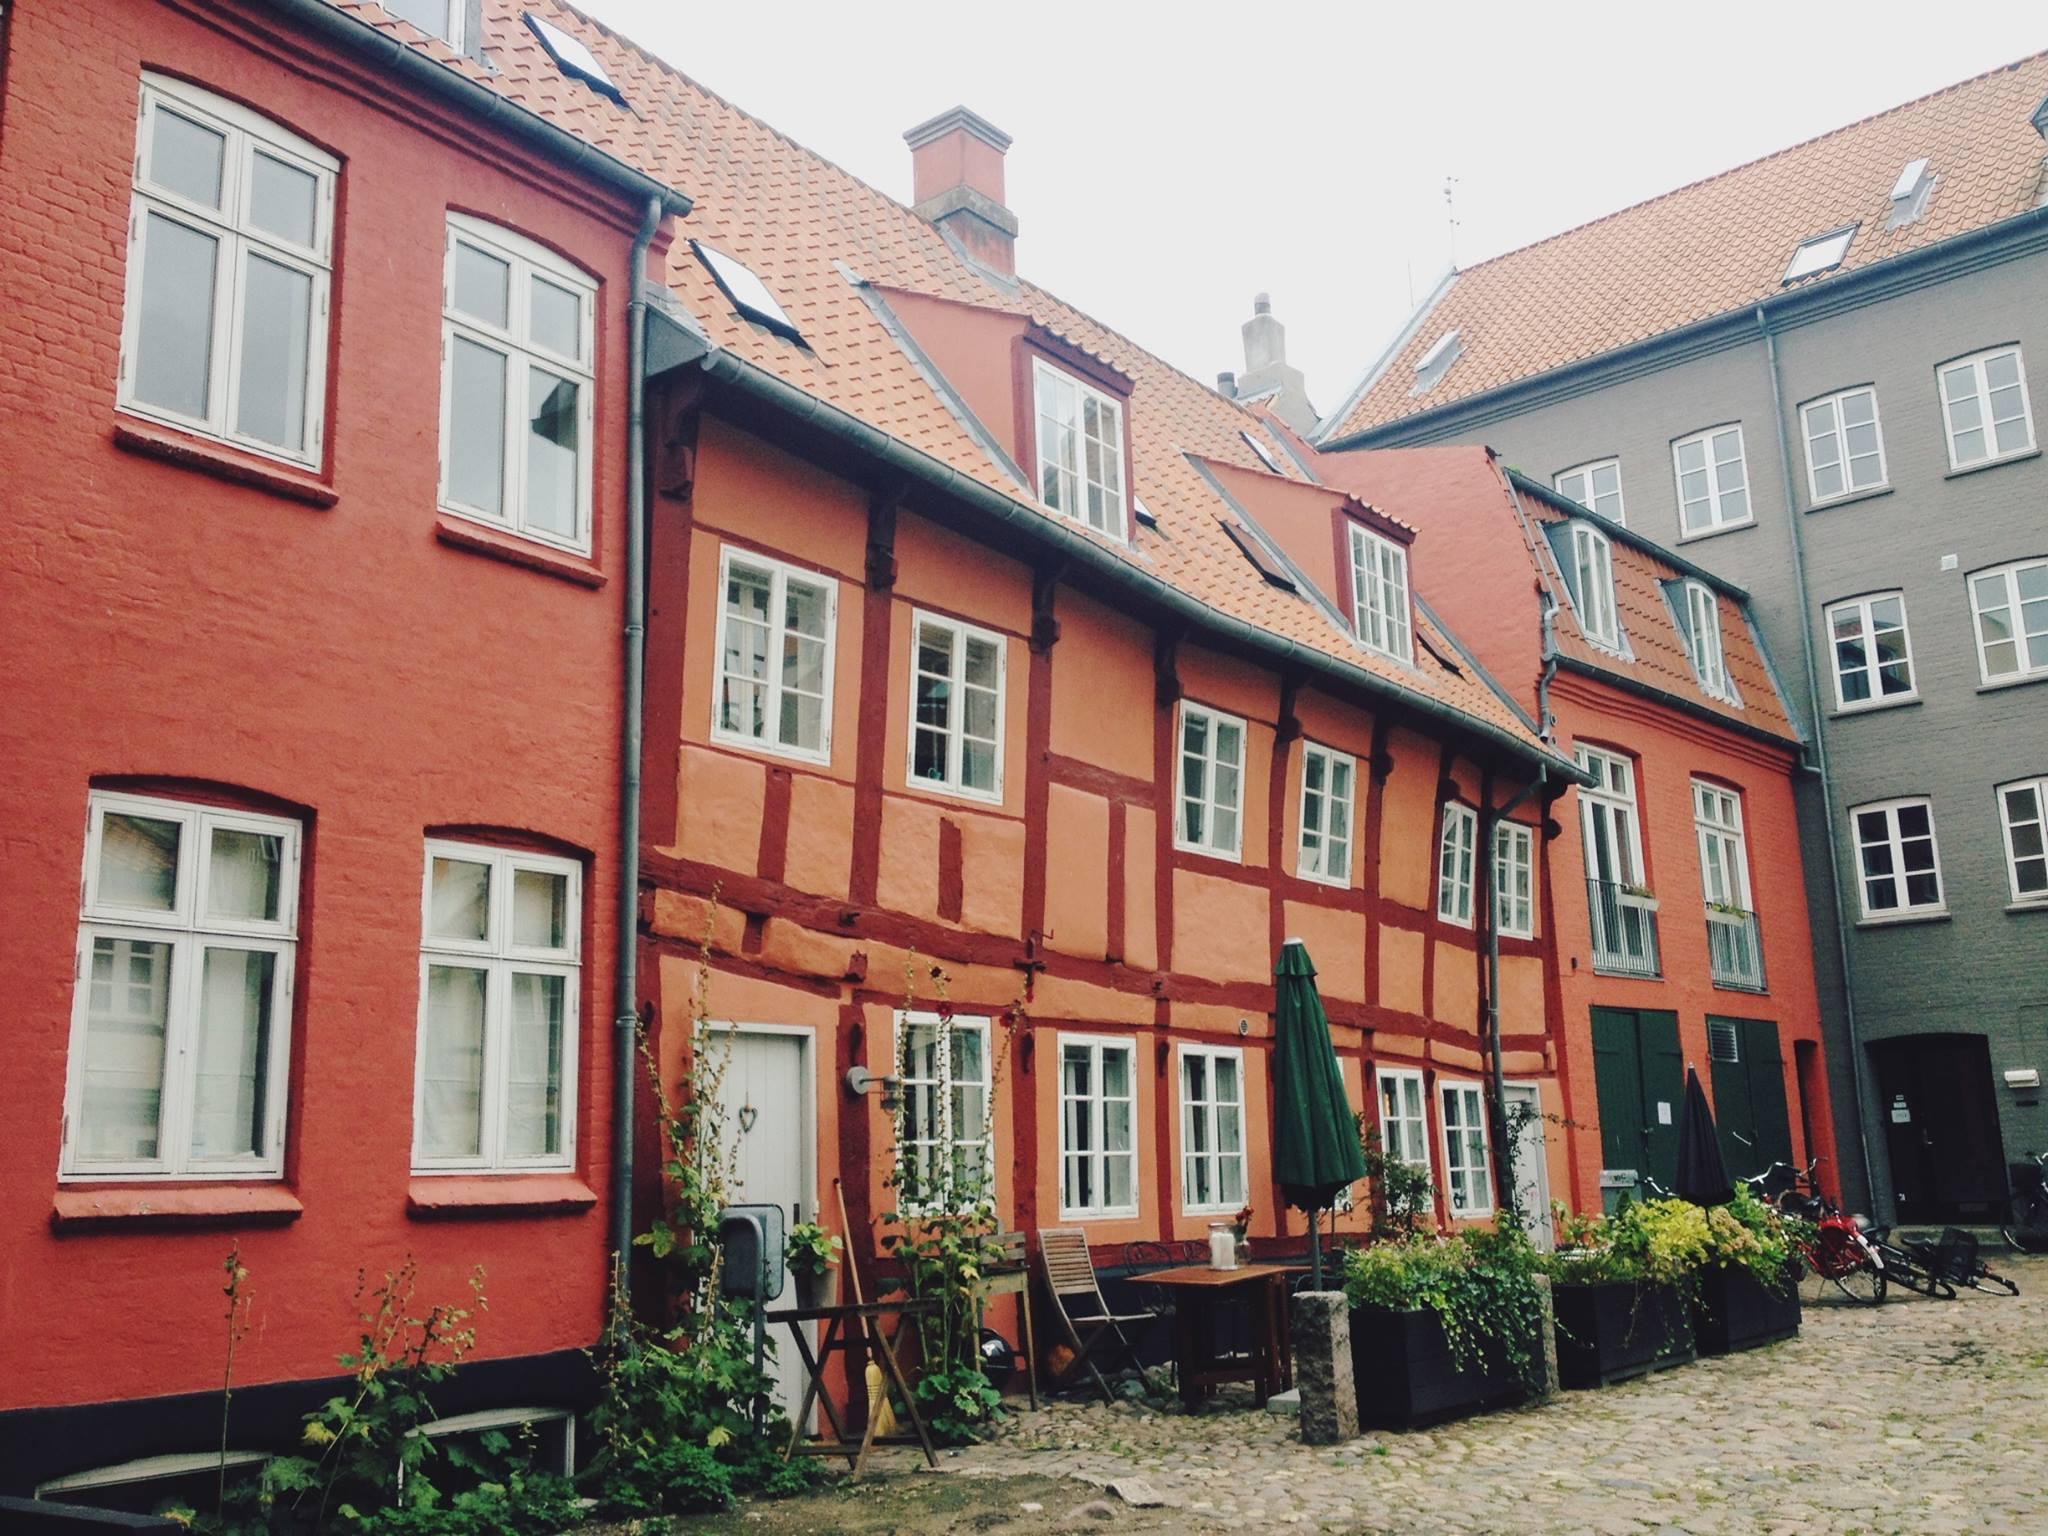 A WEEKEND IN DENMARK